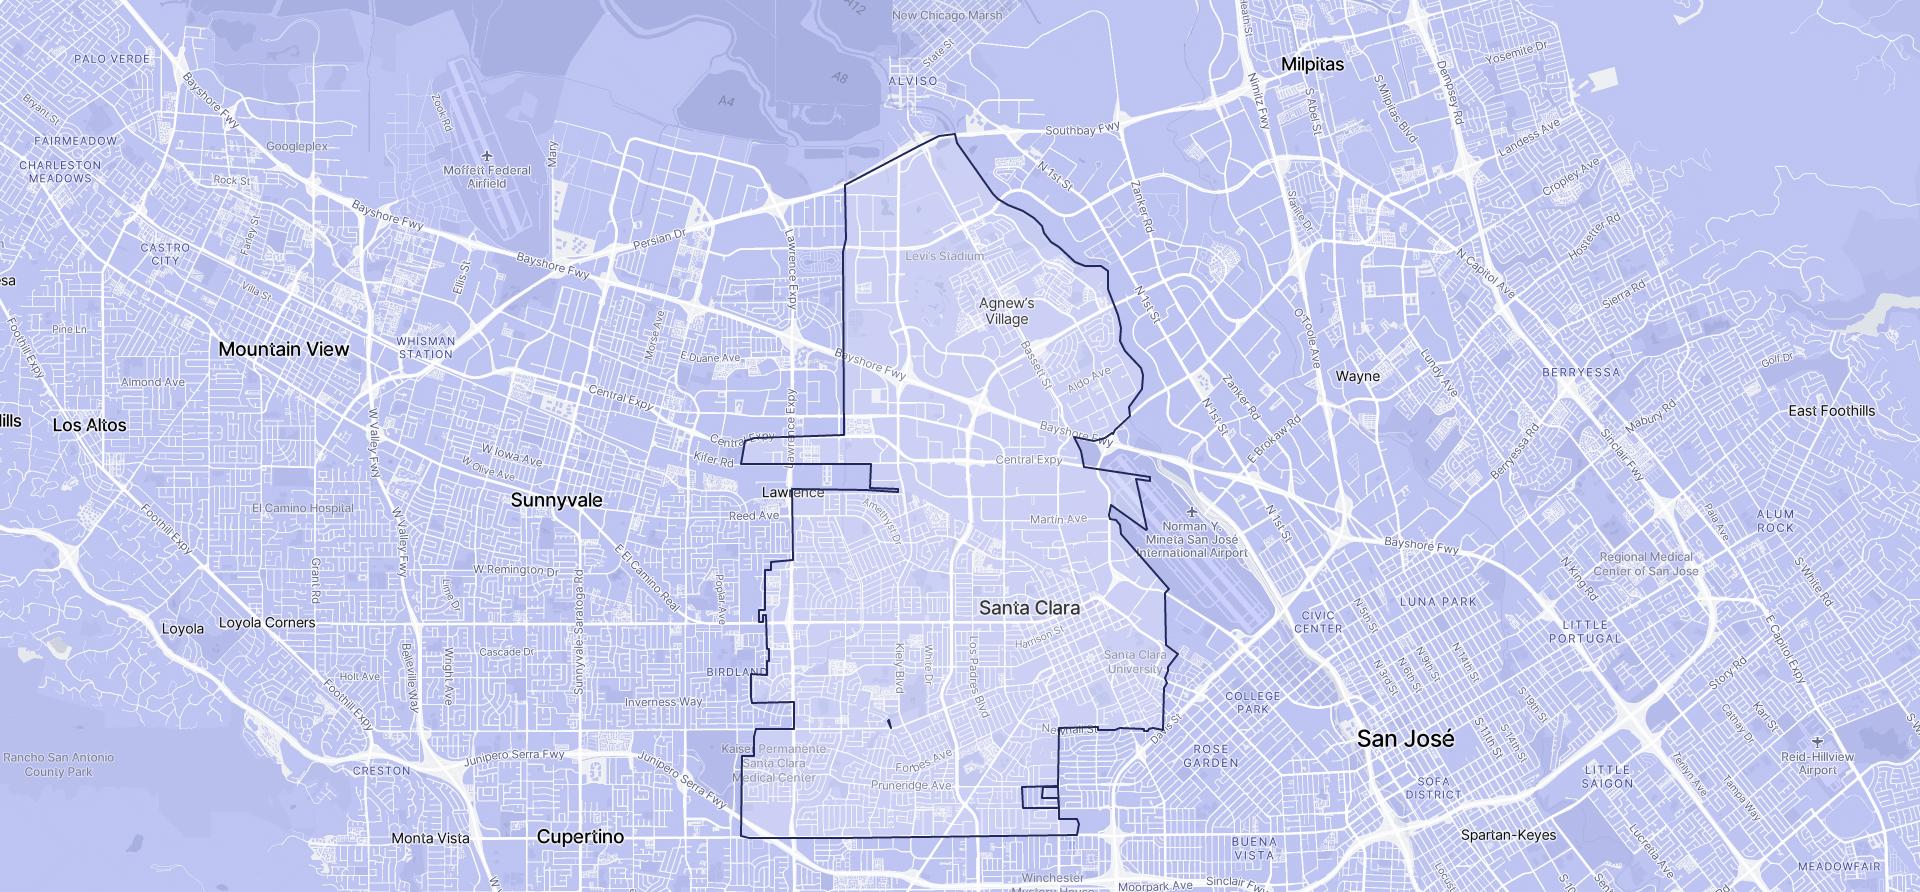 Image of Santa Clara boundaries on a map.